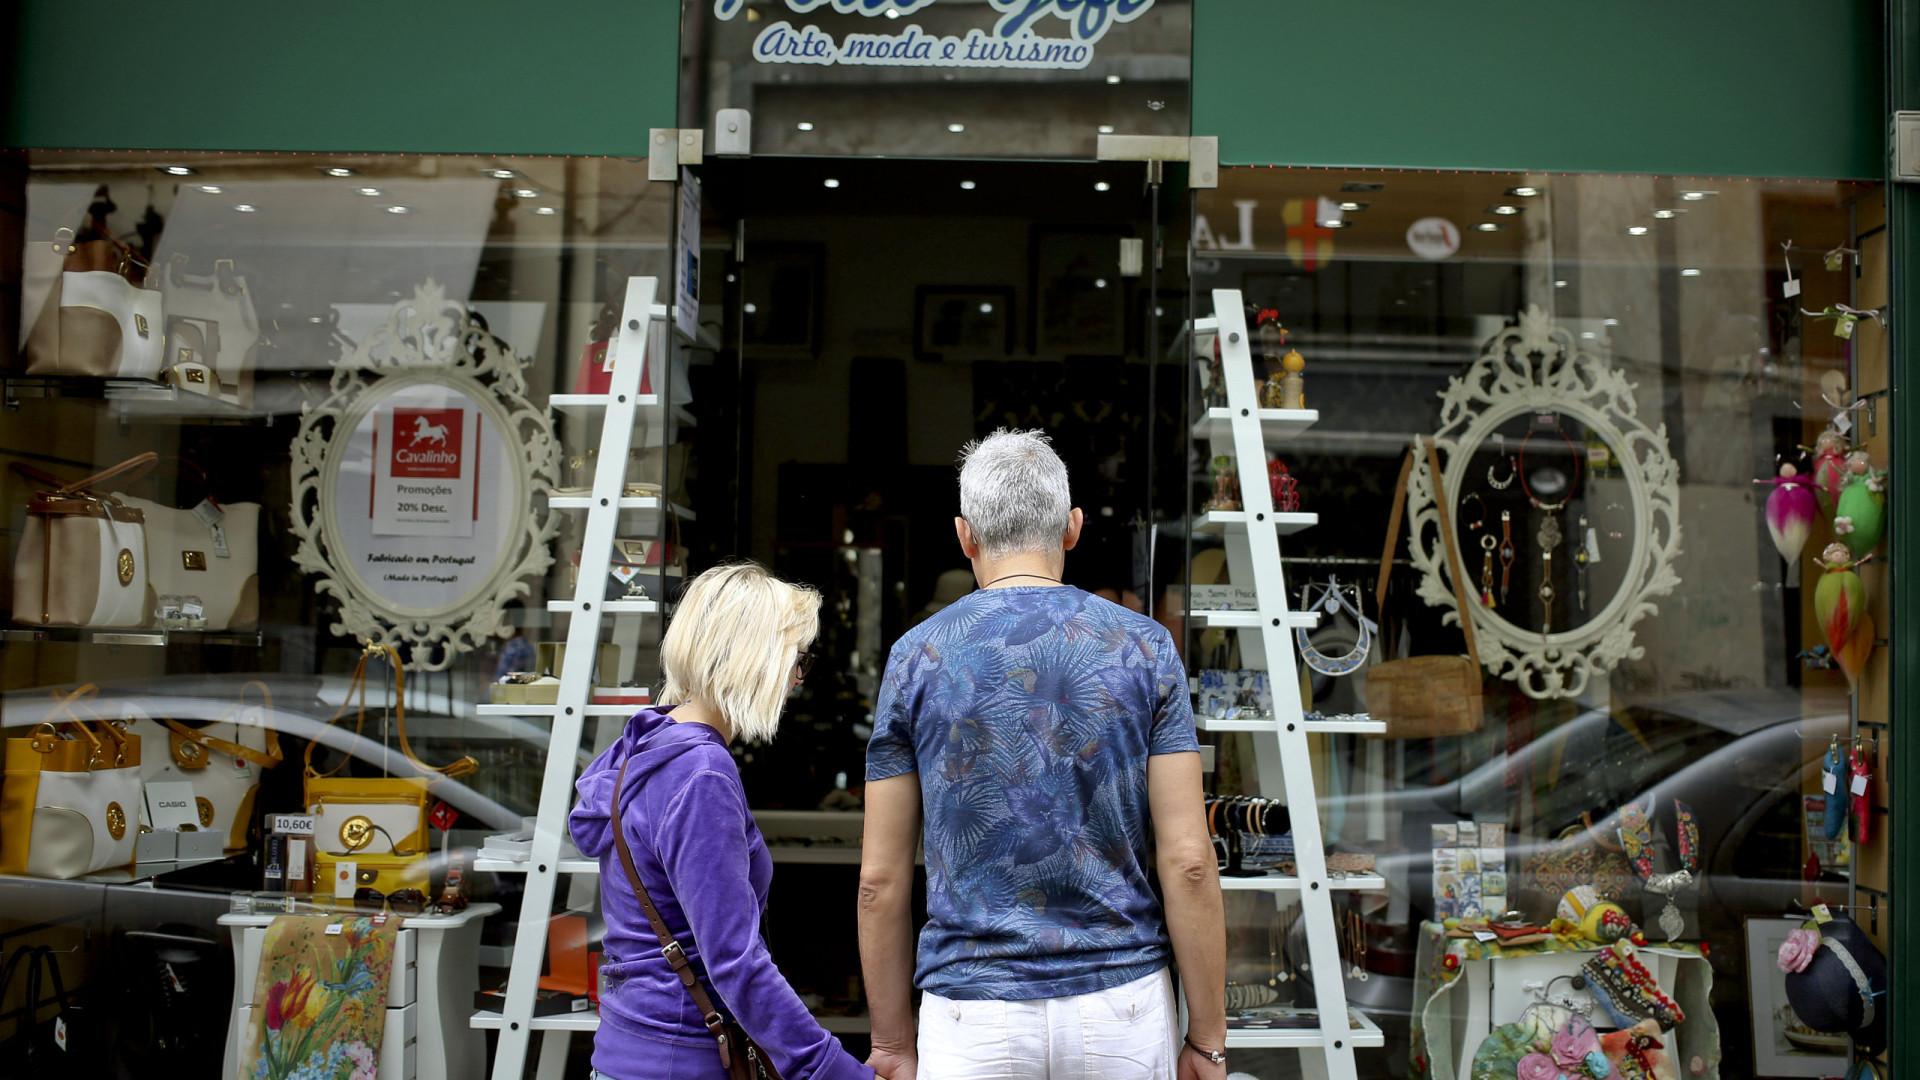 Subida de preços acelera para 1,4% em setembro